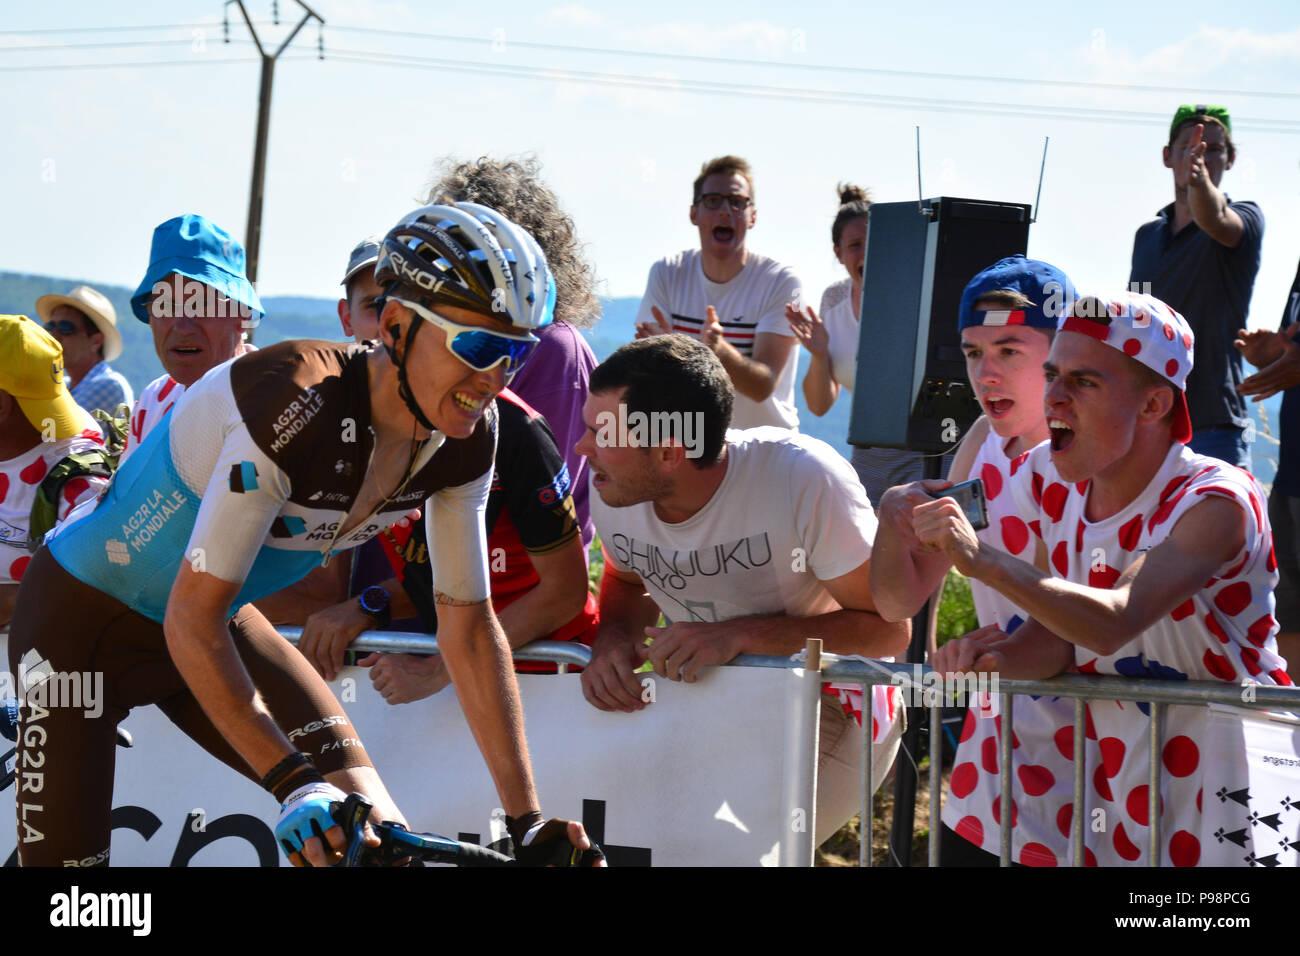 Tour de France 2018. Stufe 6. Brest, Mur-de-Bretagne. In den letzten Kilometer der 181 km Strecke, die eine durchschnittliche Steigung von 6,9 %. Stockfoto